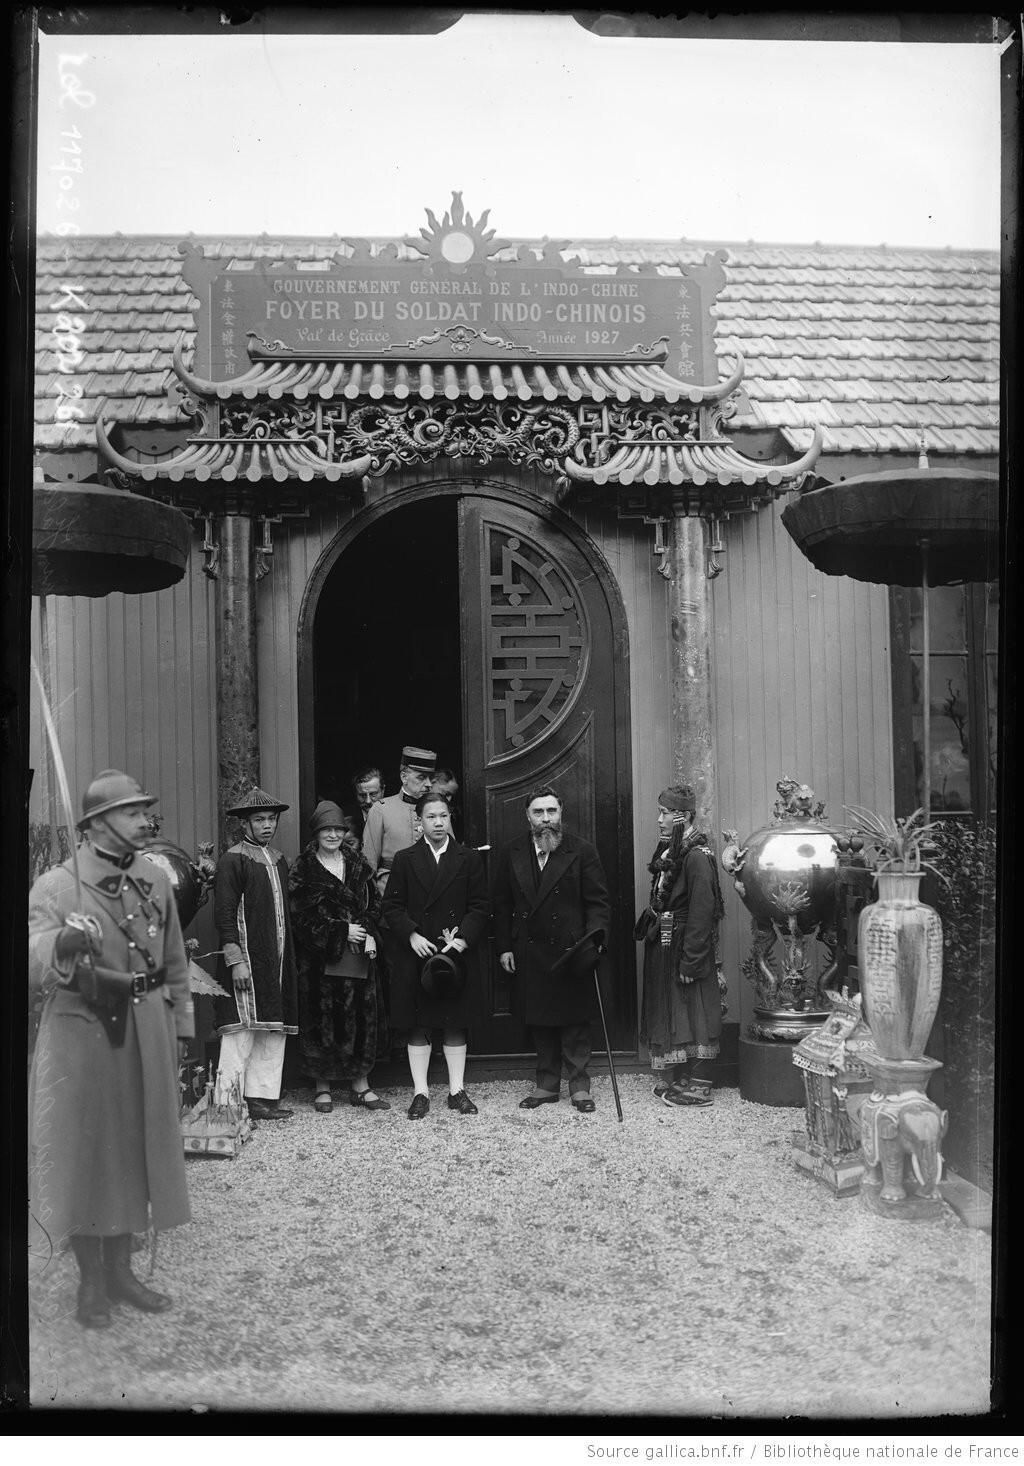 Hoàng đế Bảo Đại khánh thành khu nhà dành cho lính Đông Dương trong bệnh viện Val-de-Grâce, Paris, ngày 09/03/1927.